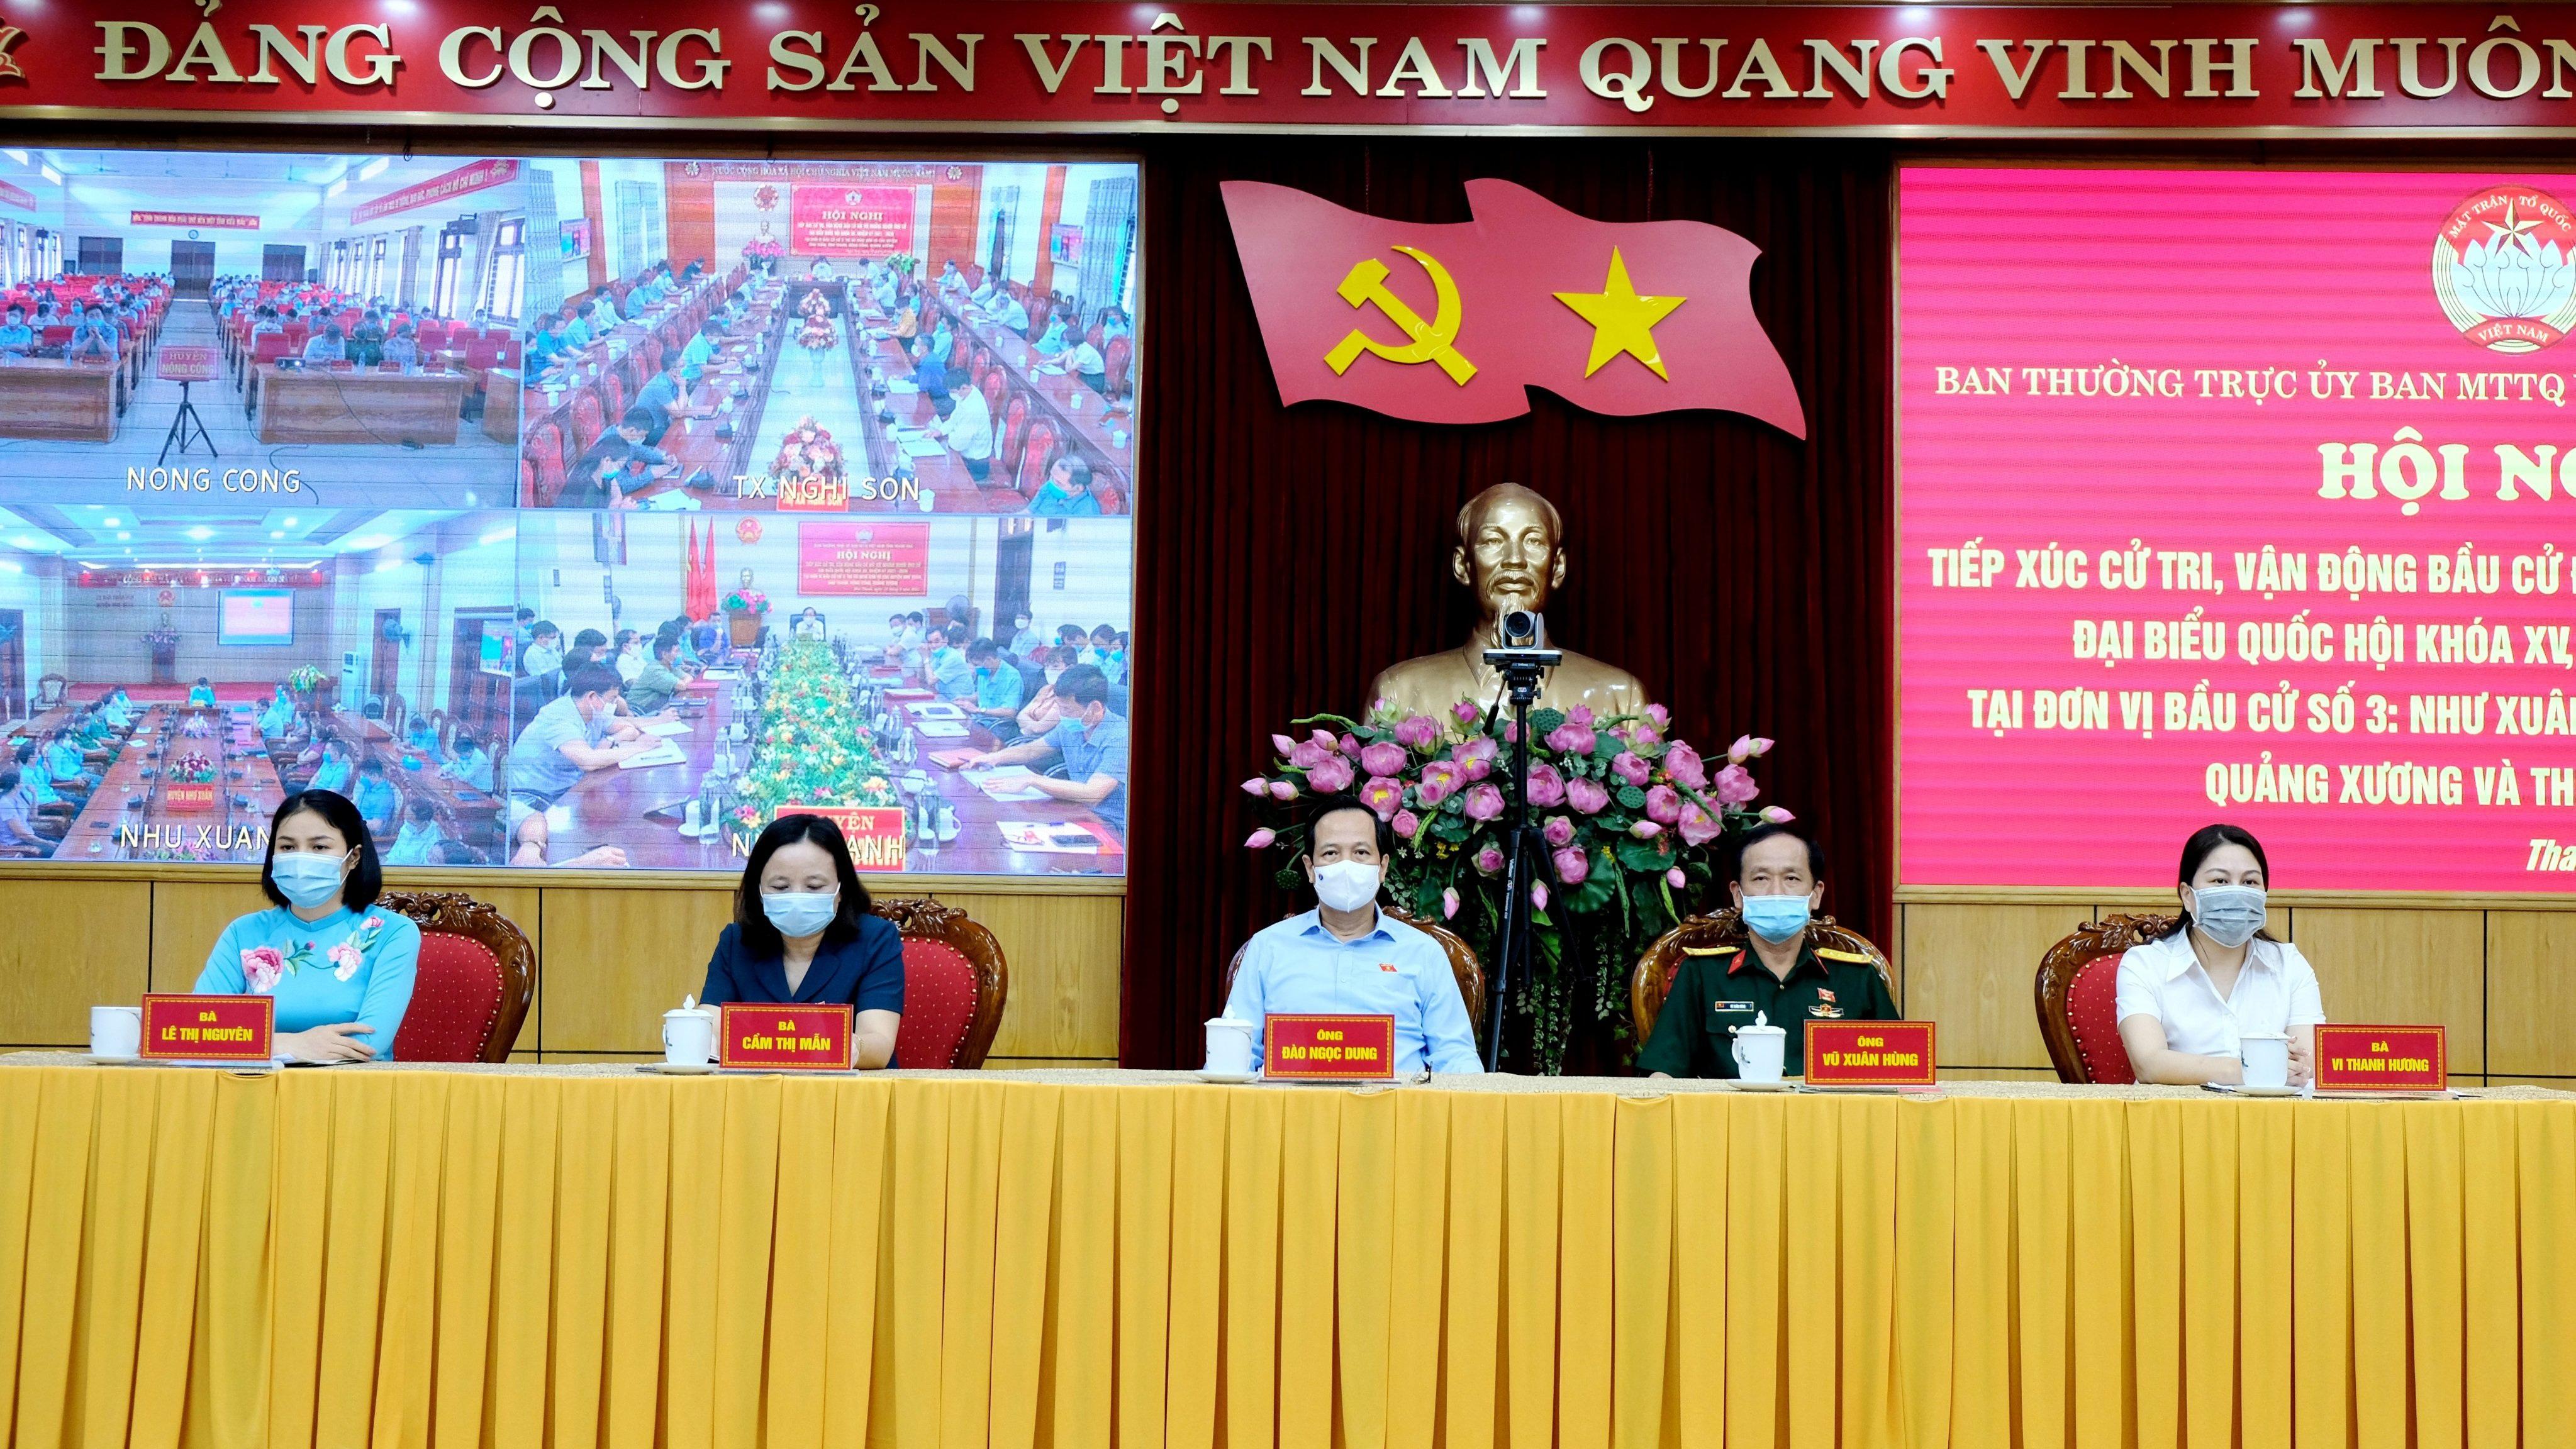 Bộ trưởng Đào Ngọc Dung: Hứa với dân rồi thì phải làm, không được hứa suông